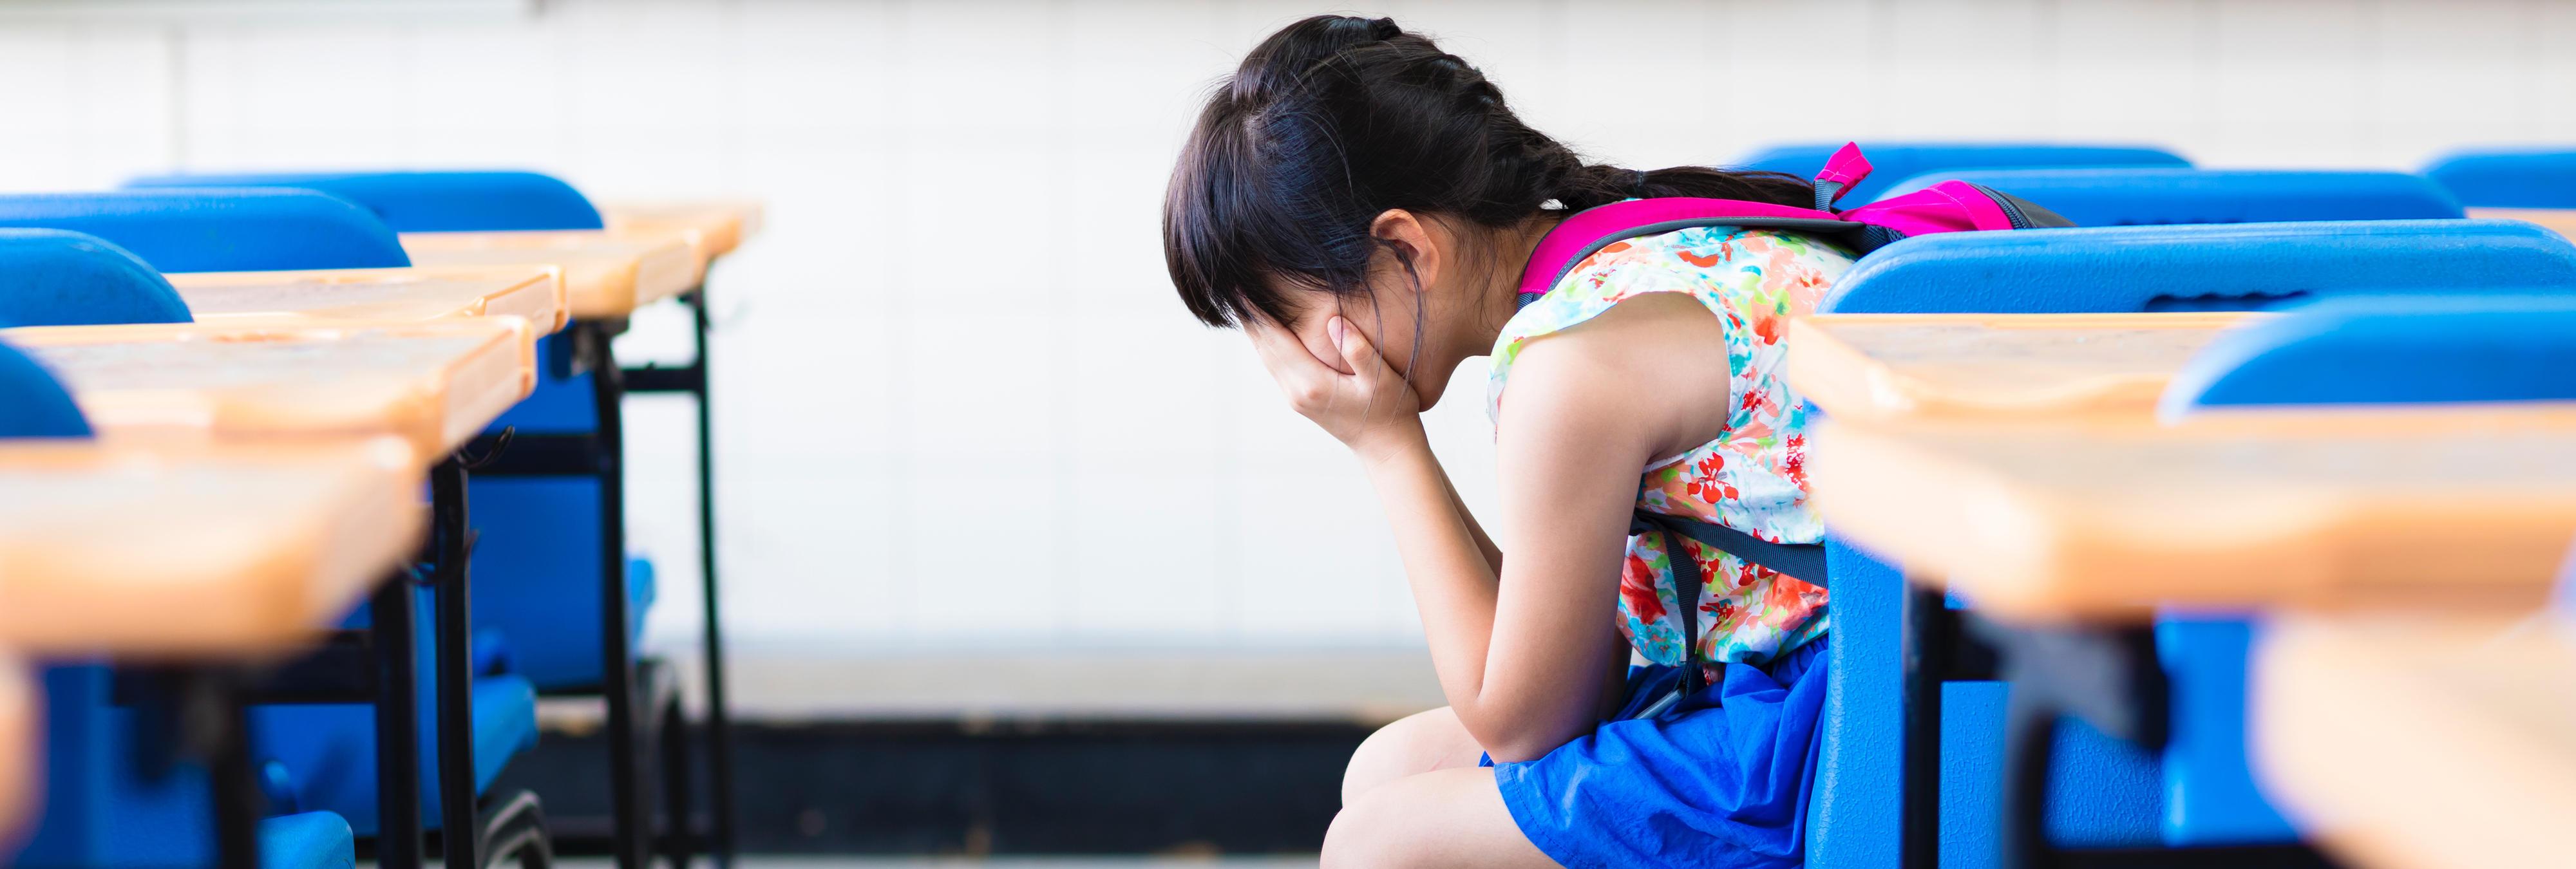 Una estudiante con piel de serpiente es expulsada de su colegio porque su aspecto asusta a sus compañeros